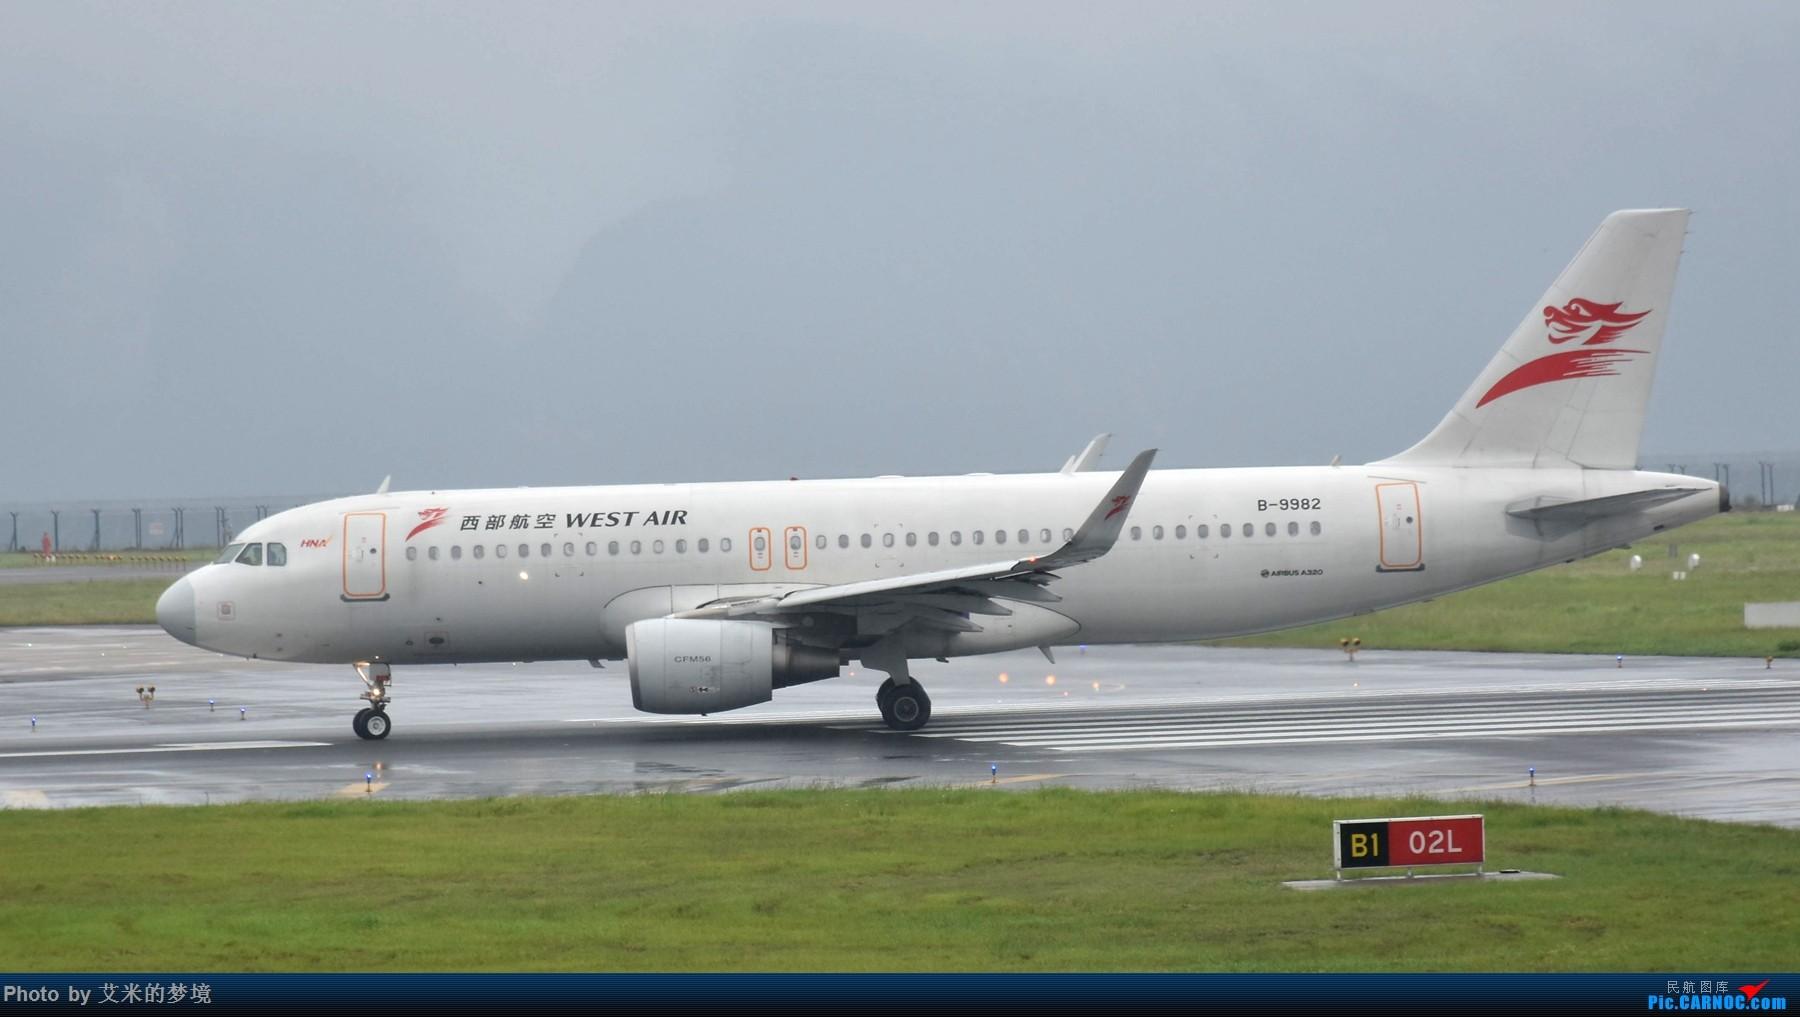 Re:[原创]【carnoc重庆飞友会】7.14雨中奔袭。。又被放鸽子的首航日 AIRBUS A320-200 B-9982 中国重庆江北国际机场